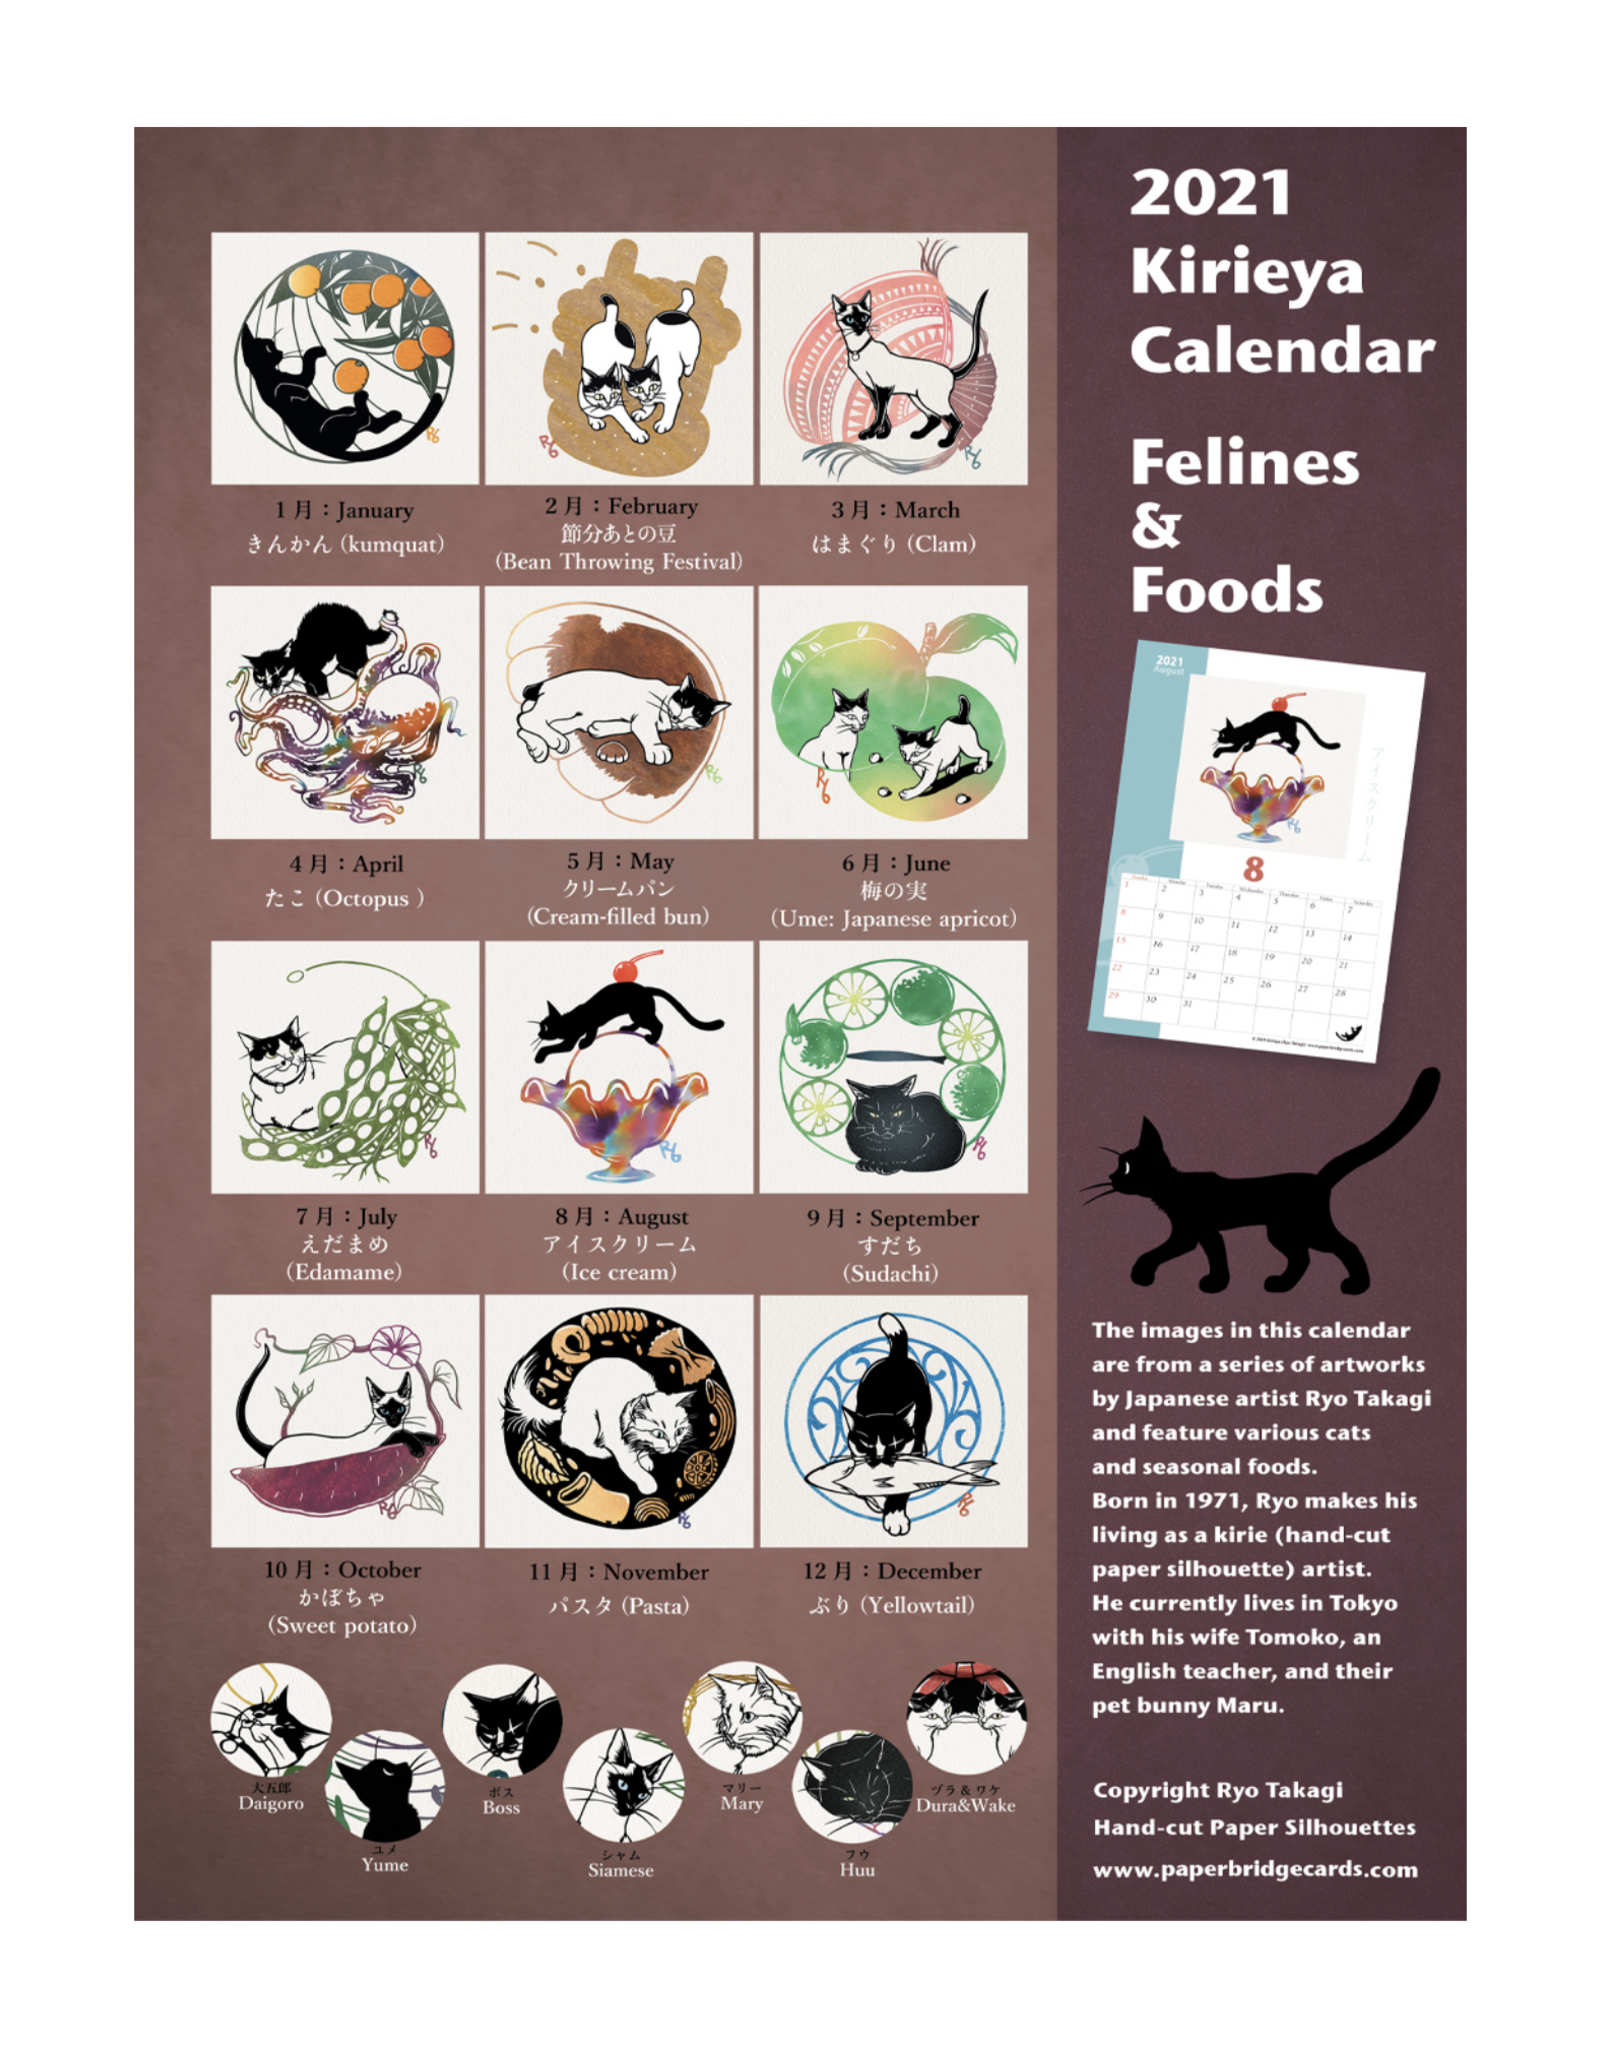 Kirieya Calendar 2021